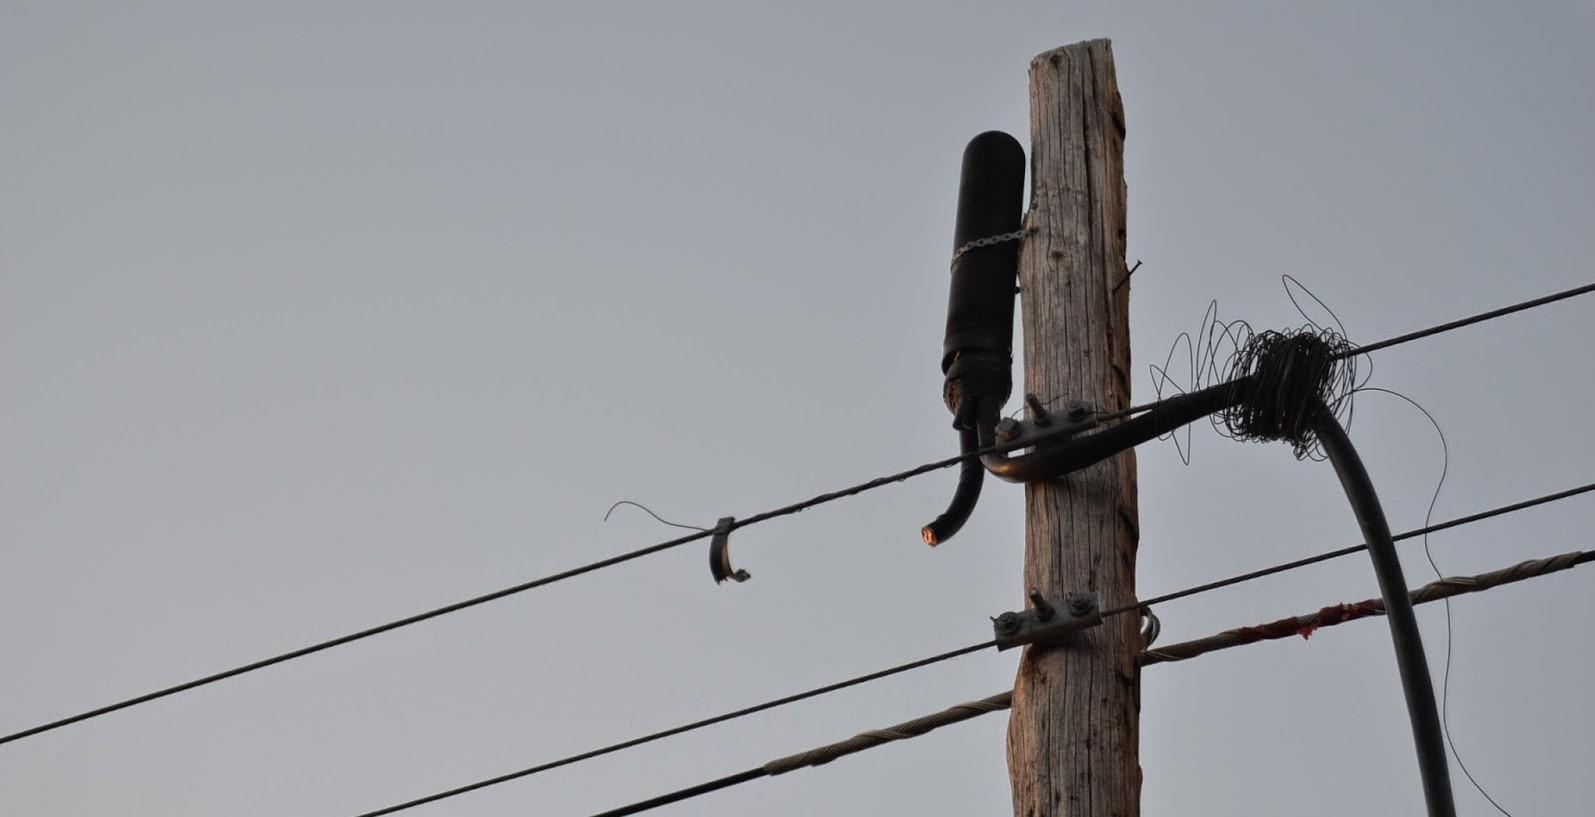 El Síndic pide la retirada del tendido aéreo telefónico indebidamente colocado